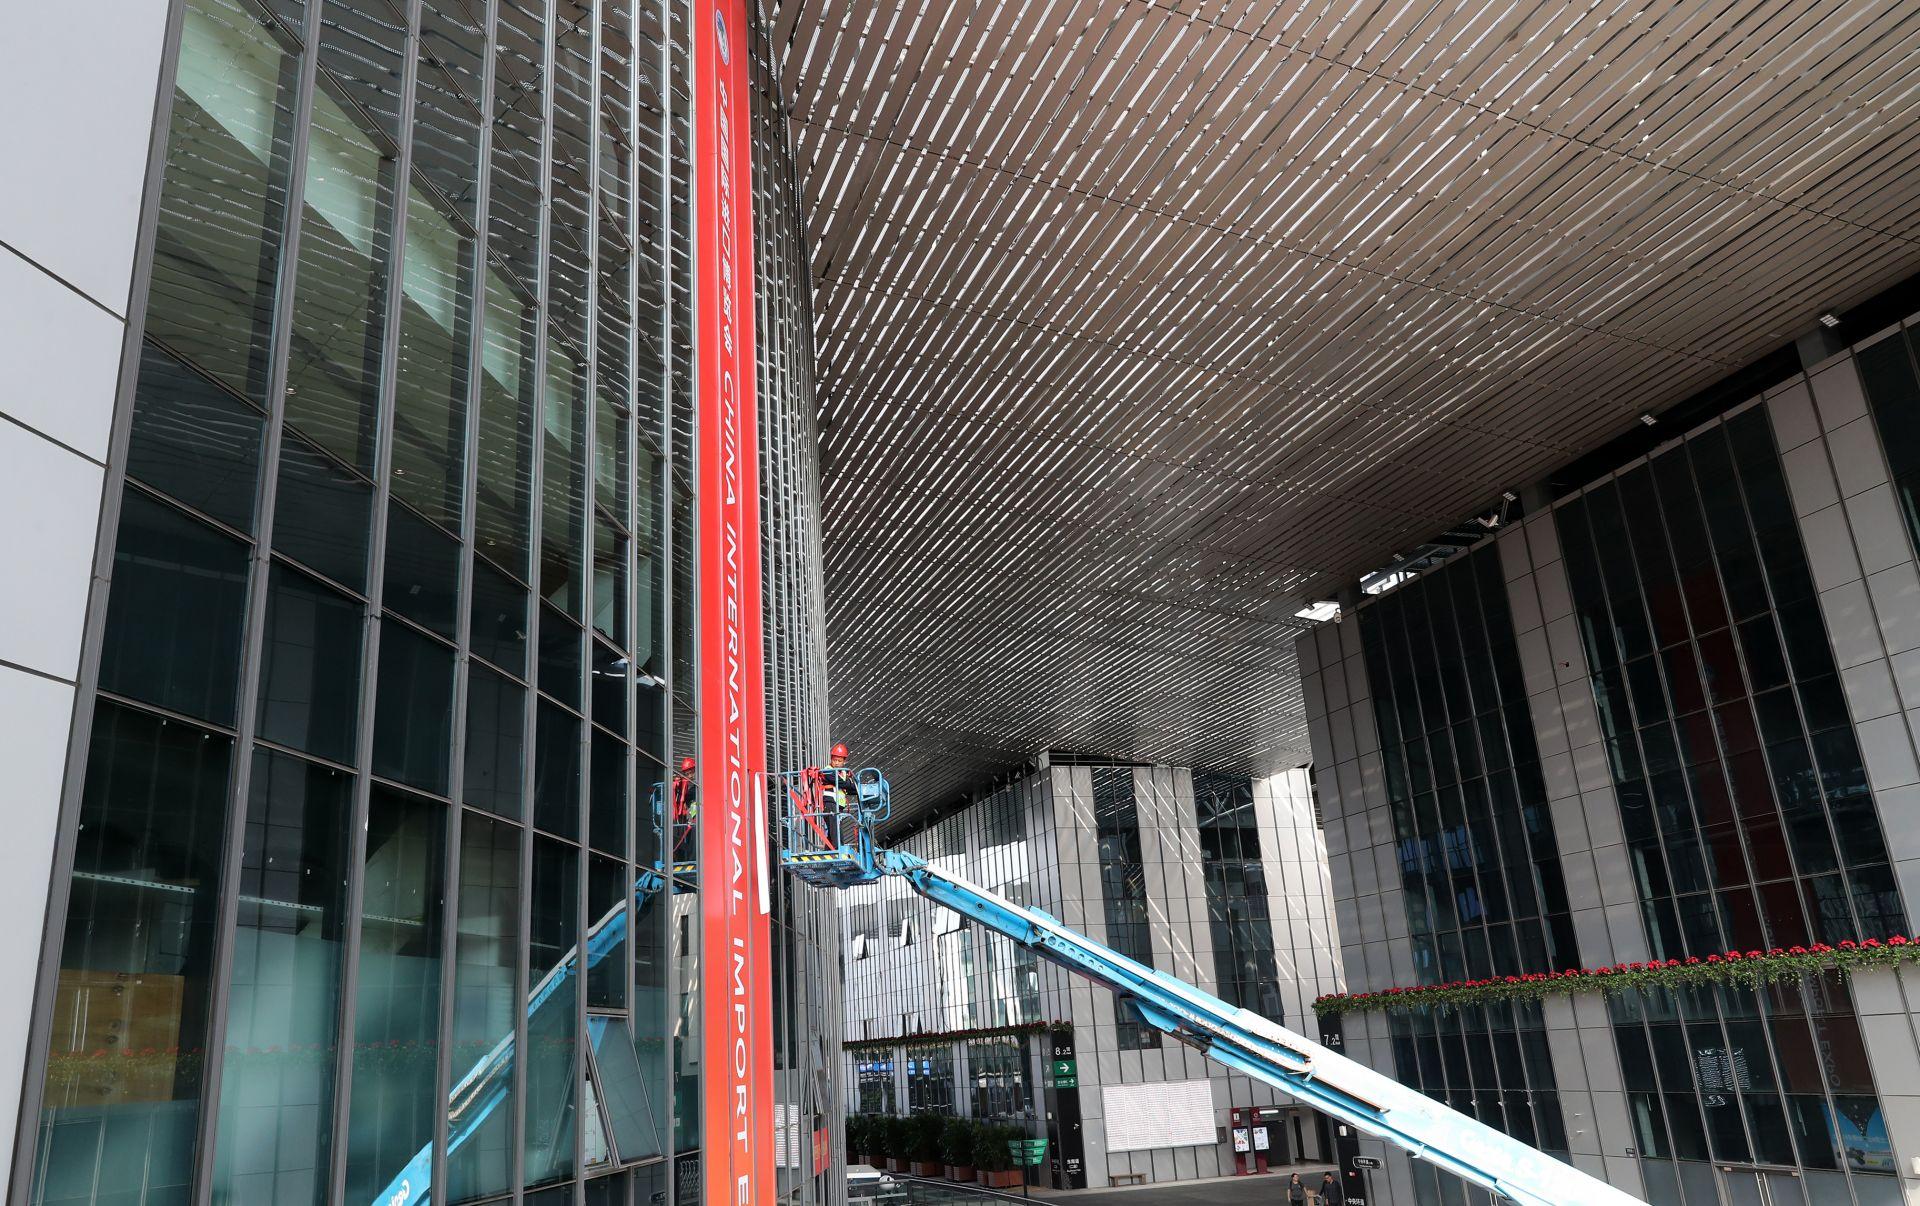 10月21日,工人乘云梯车在国家会展中心(上海)张贴进博会装饰。 新华社记者 方喆 摄